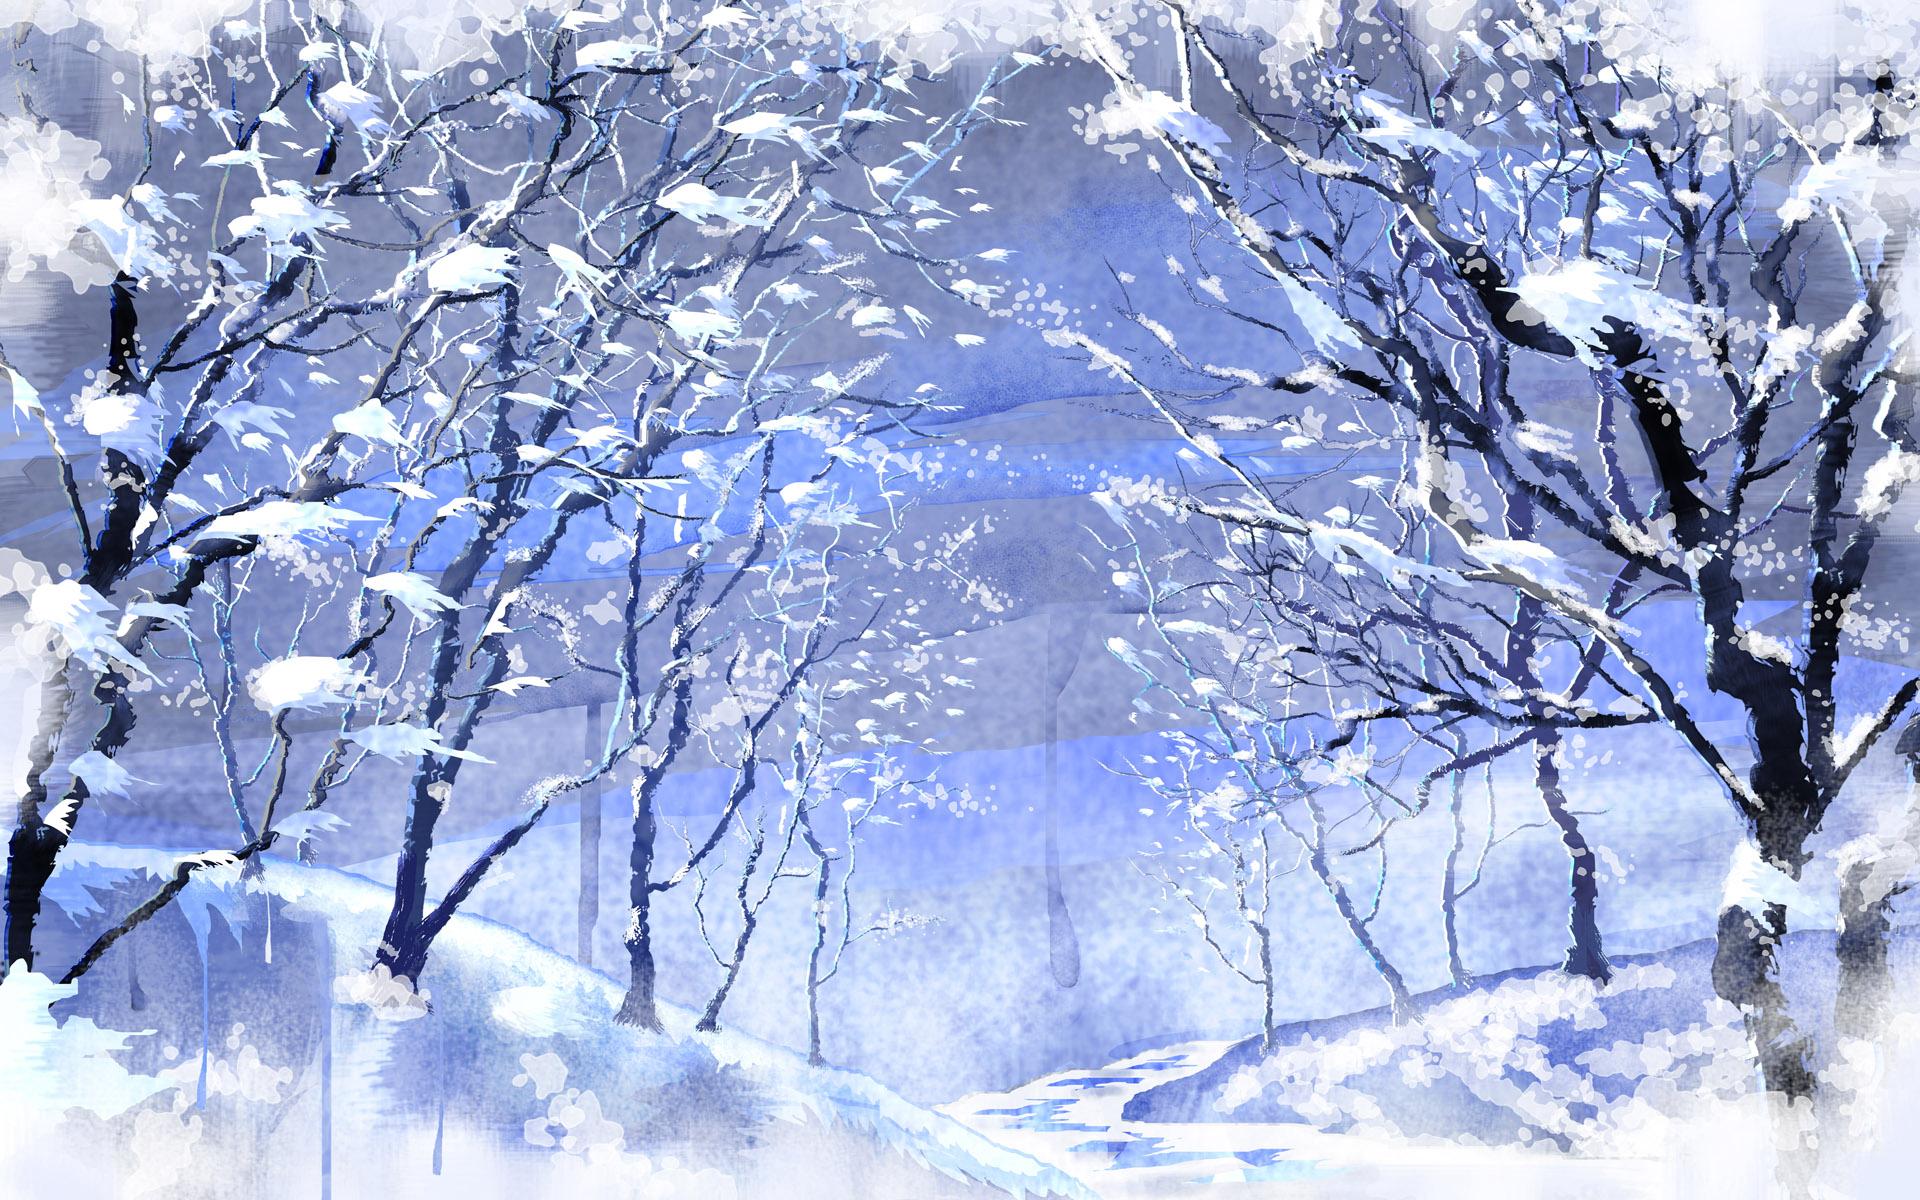 Winter Scene Wallpaper Winter Scene Wallpaper Christmas Scenery 1920x1200